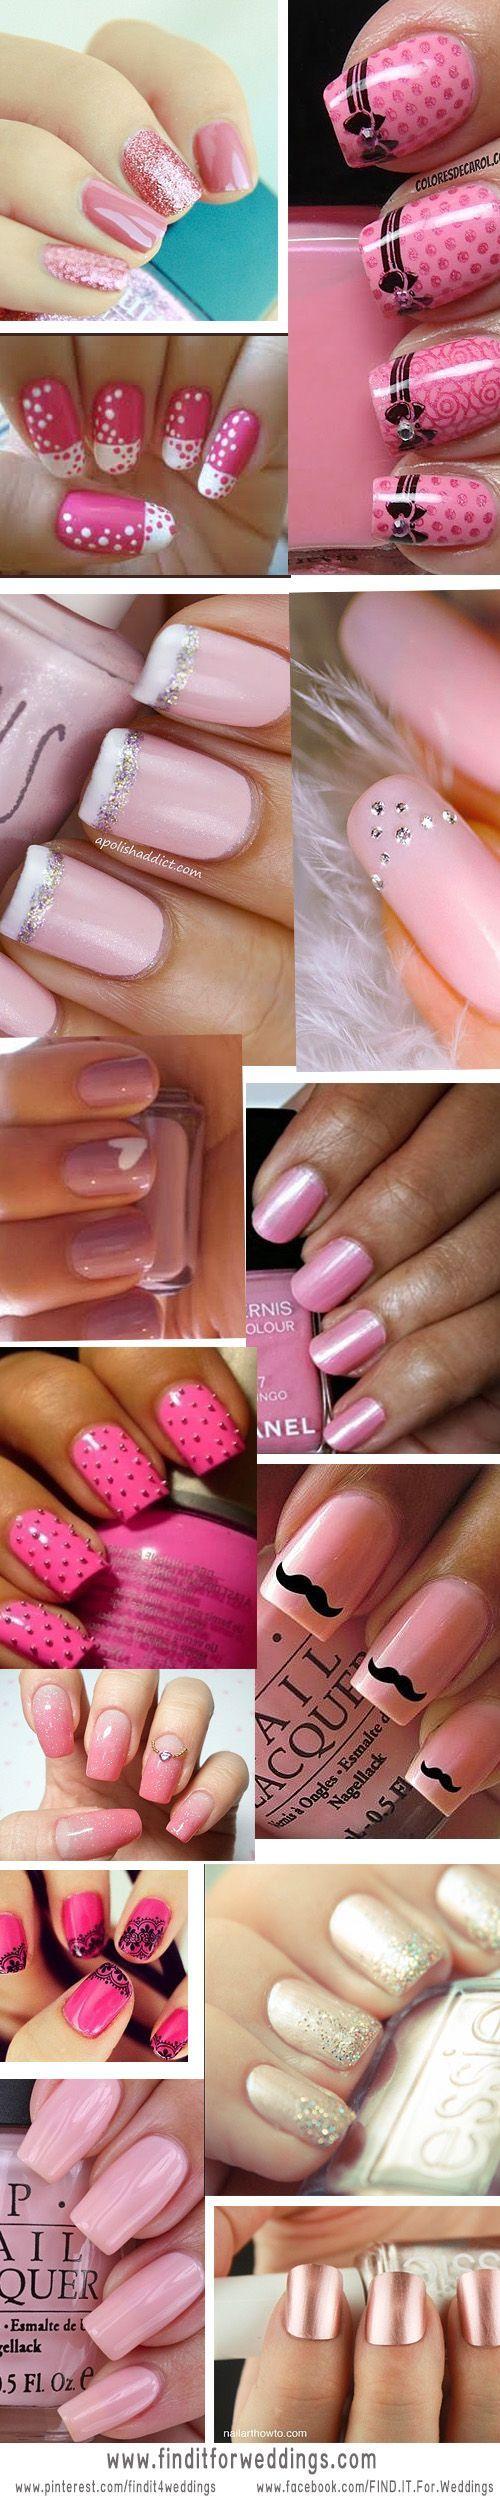 Fotos de uñas pintadas color rosa – 50 ejemplos | Pintar Uñas